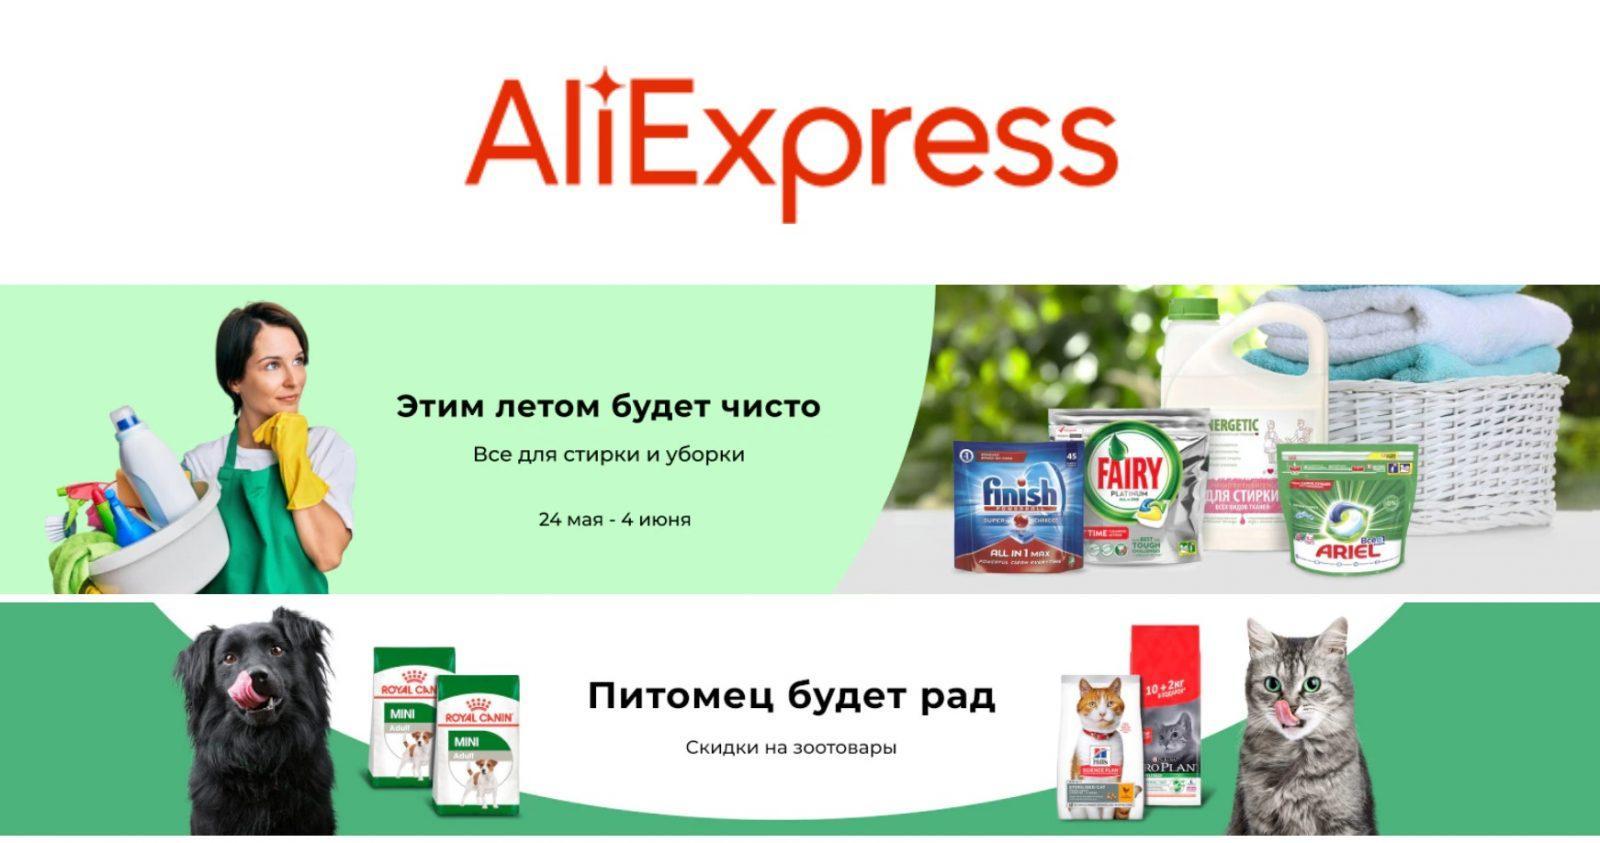 Промокоды для избранных магазинов Тмолл на АлиЭкспресс